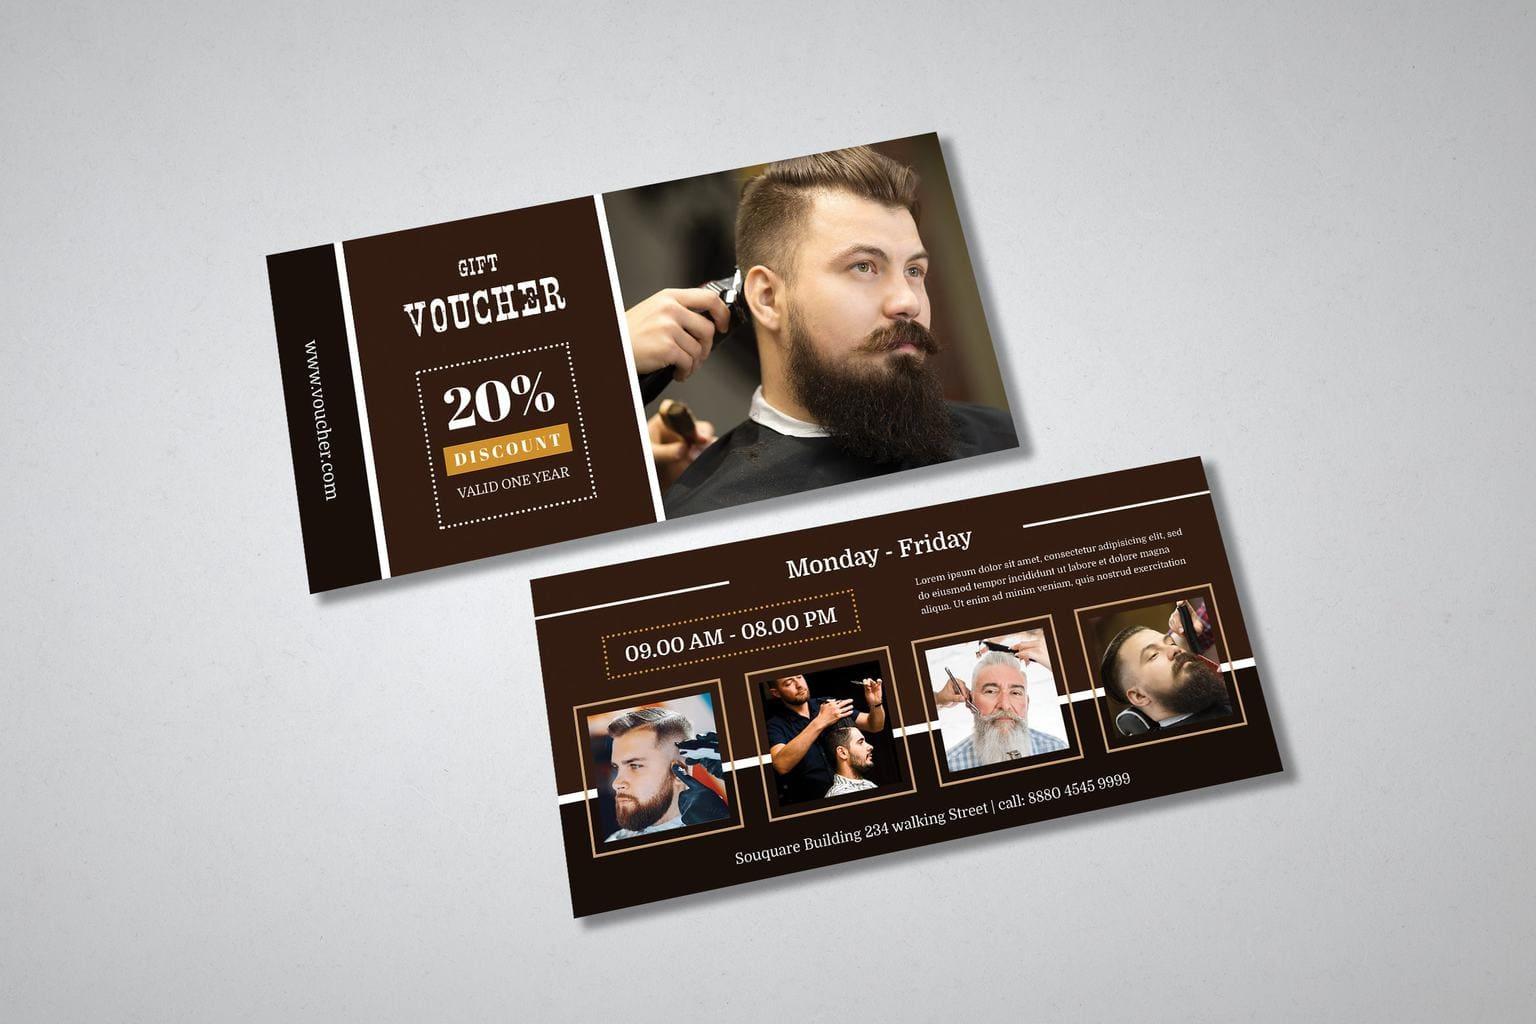 gift card voucher barbershop discount